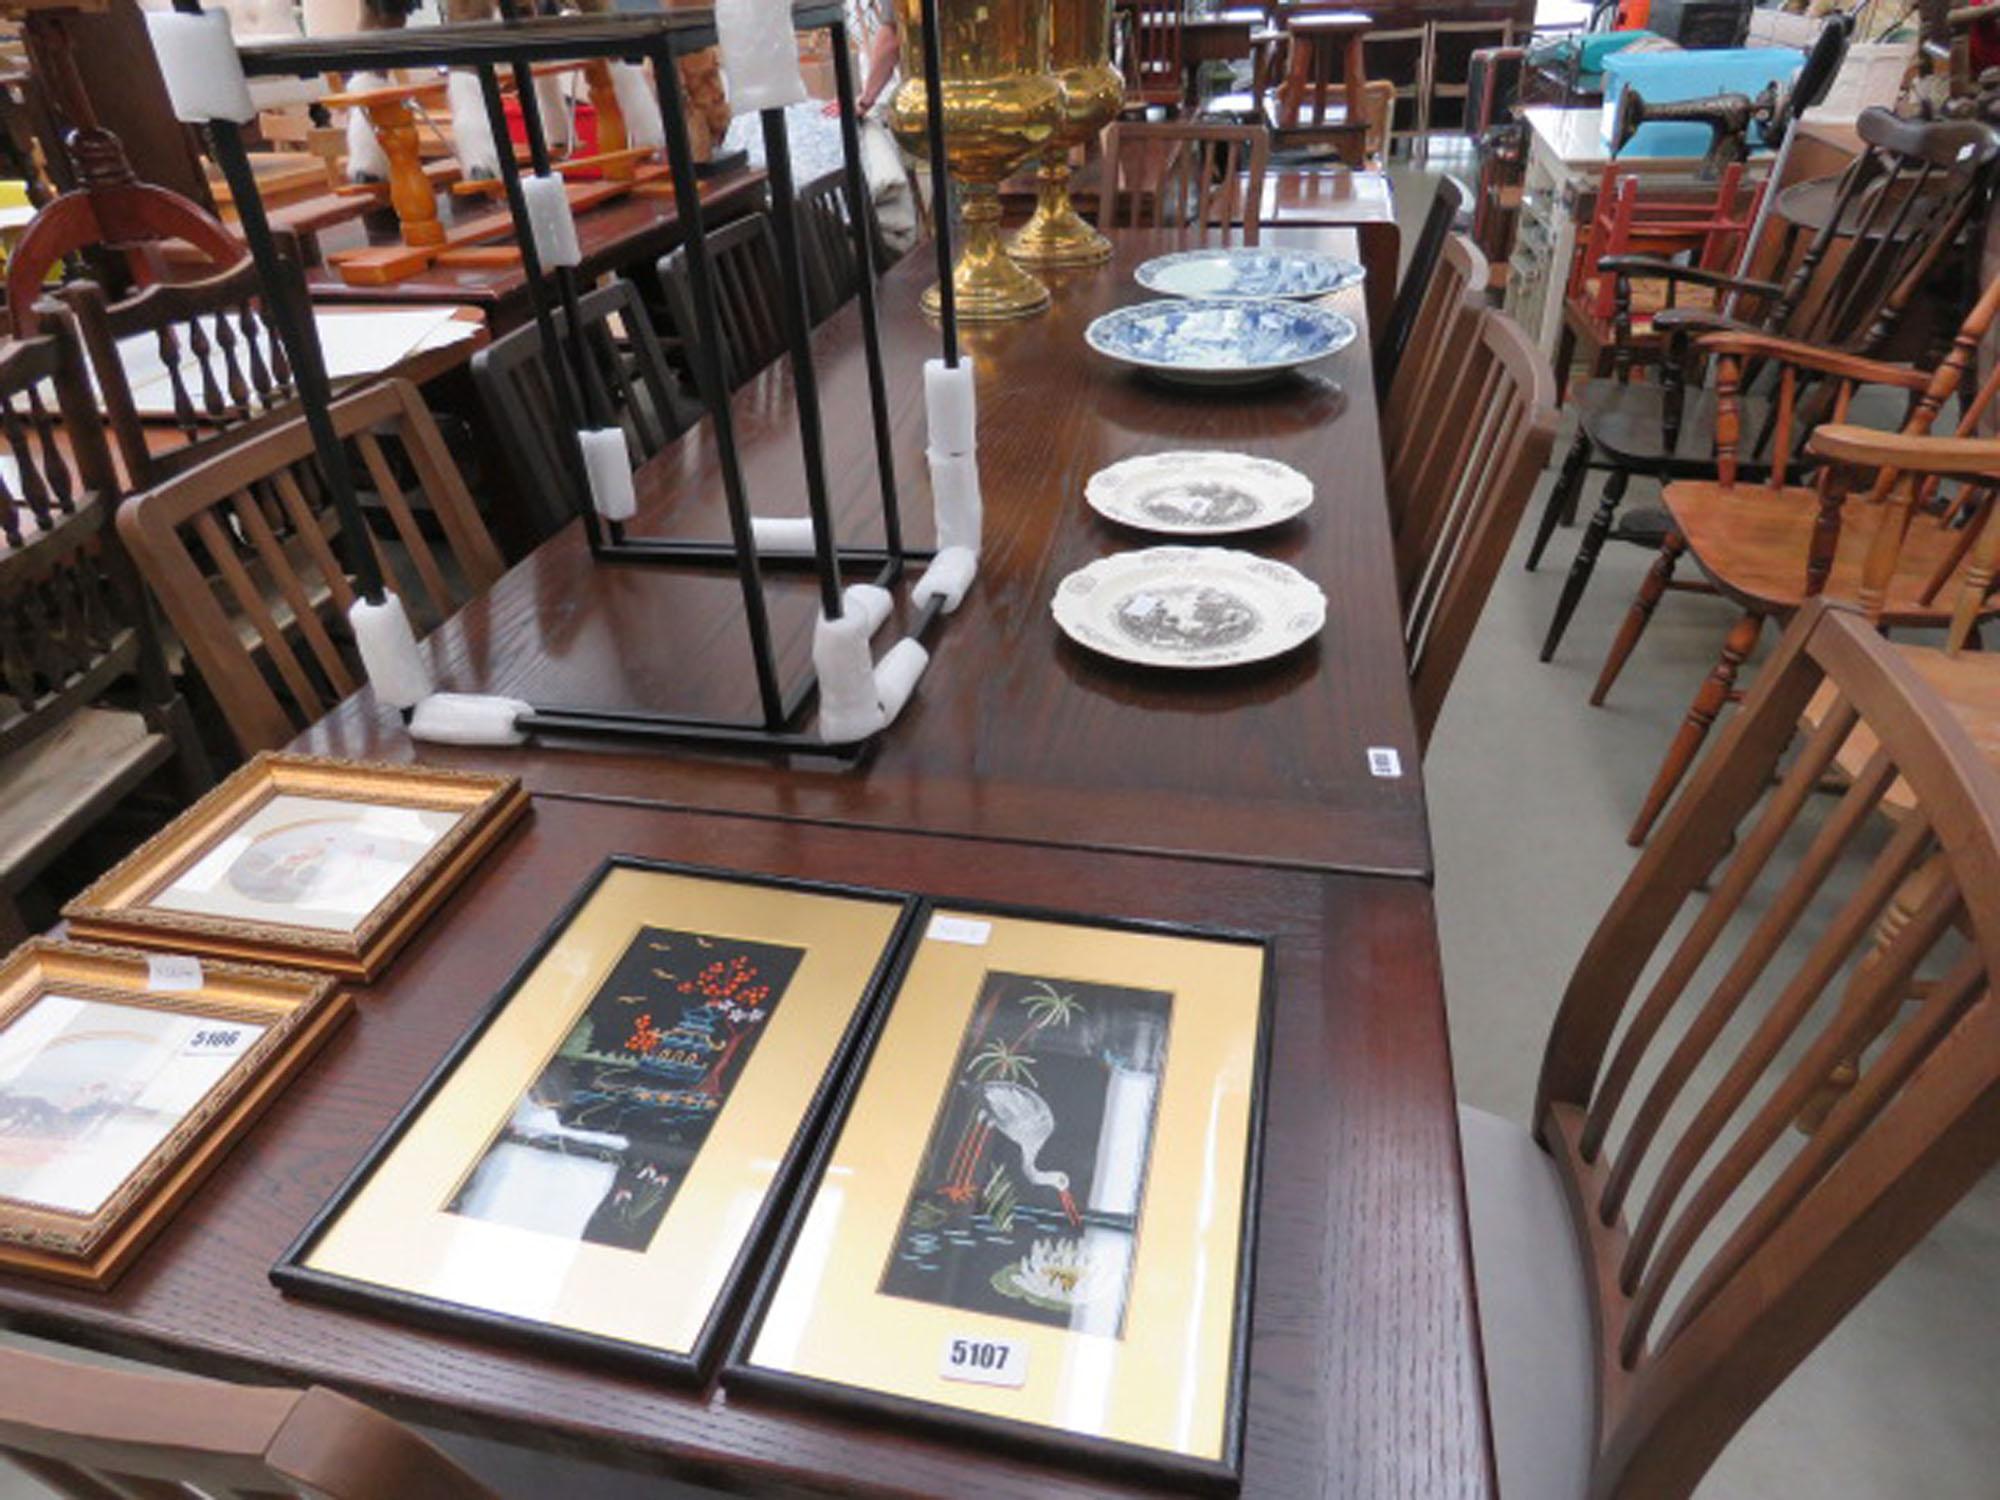 Dark oak drawerleaf table plus 10 chairs - Image 2 of 2